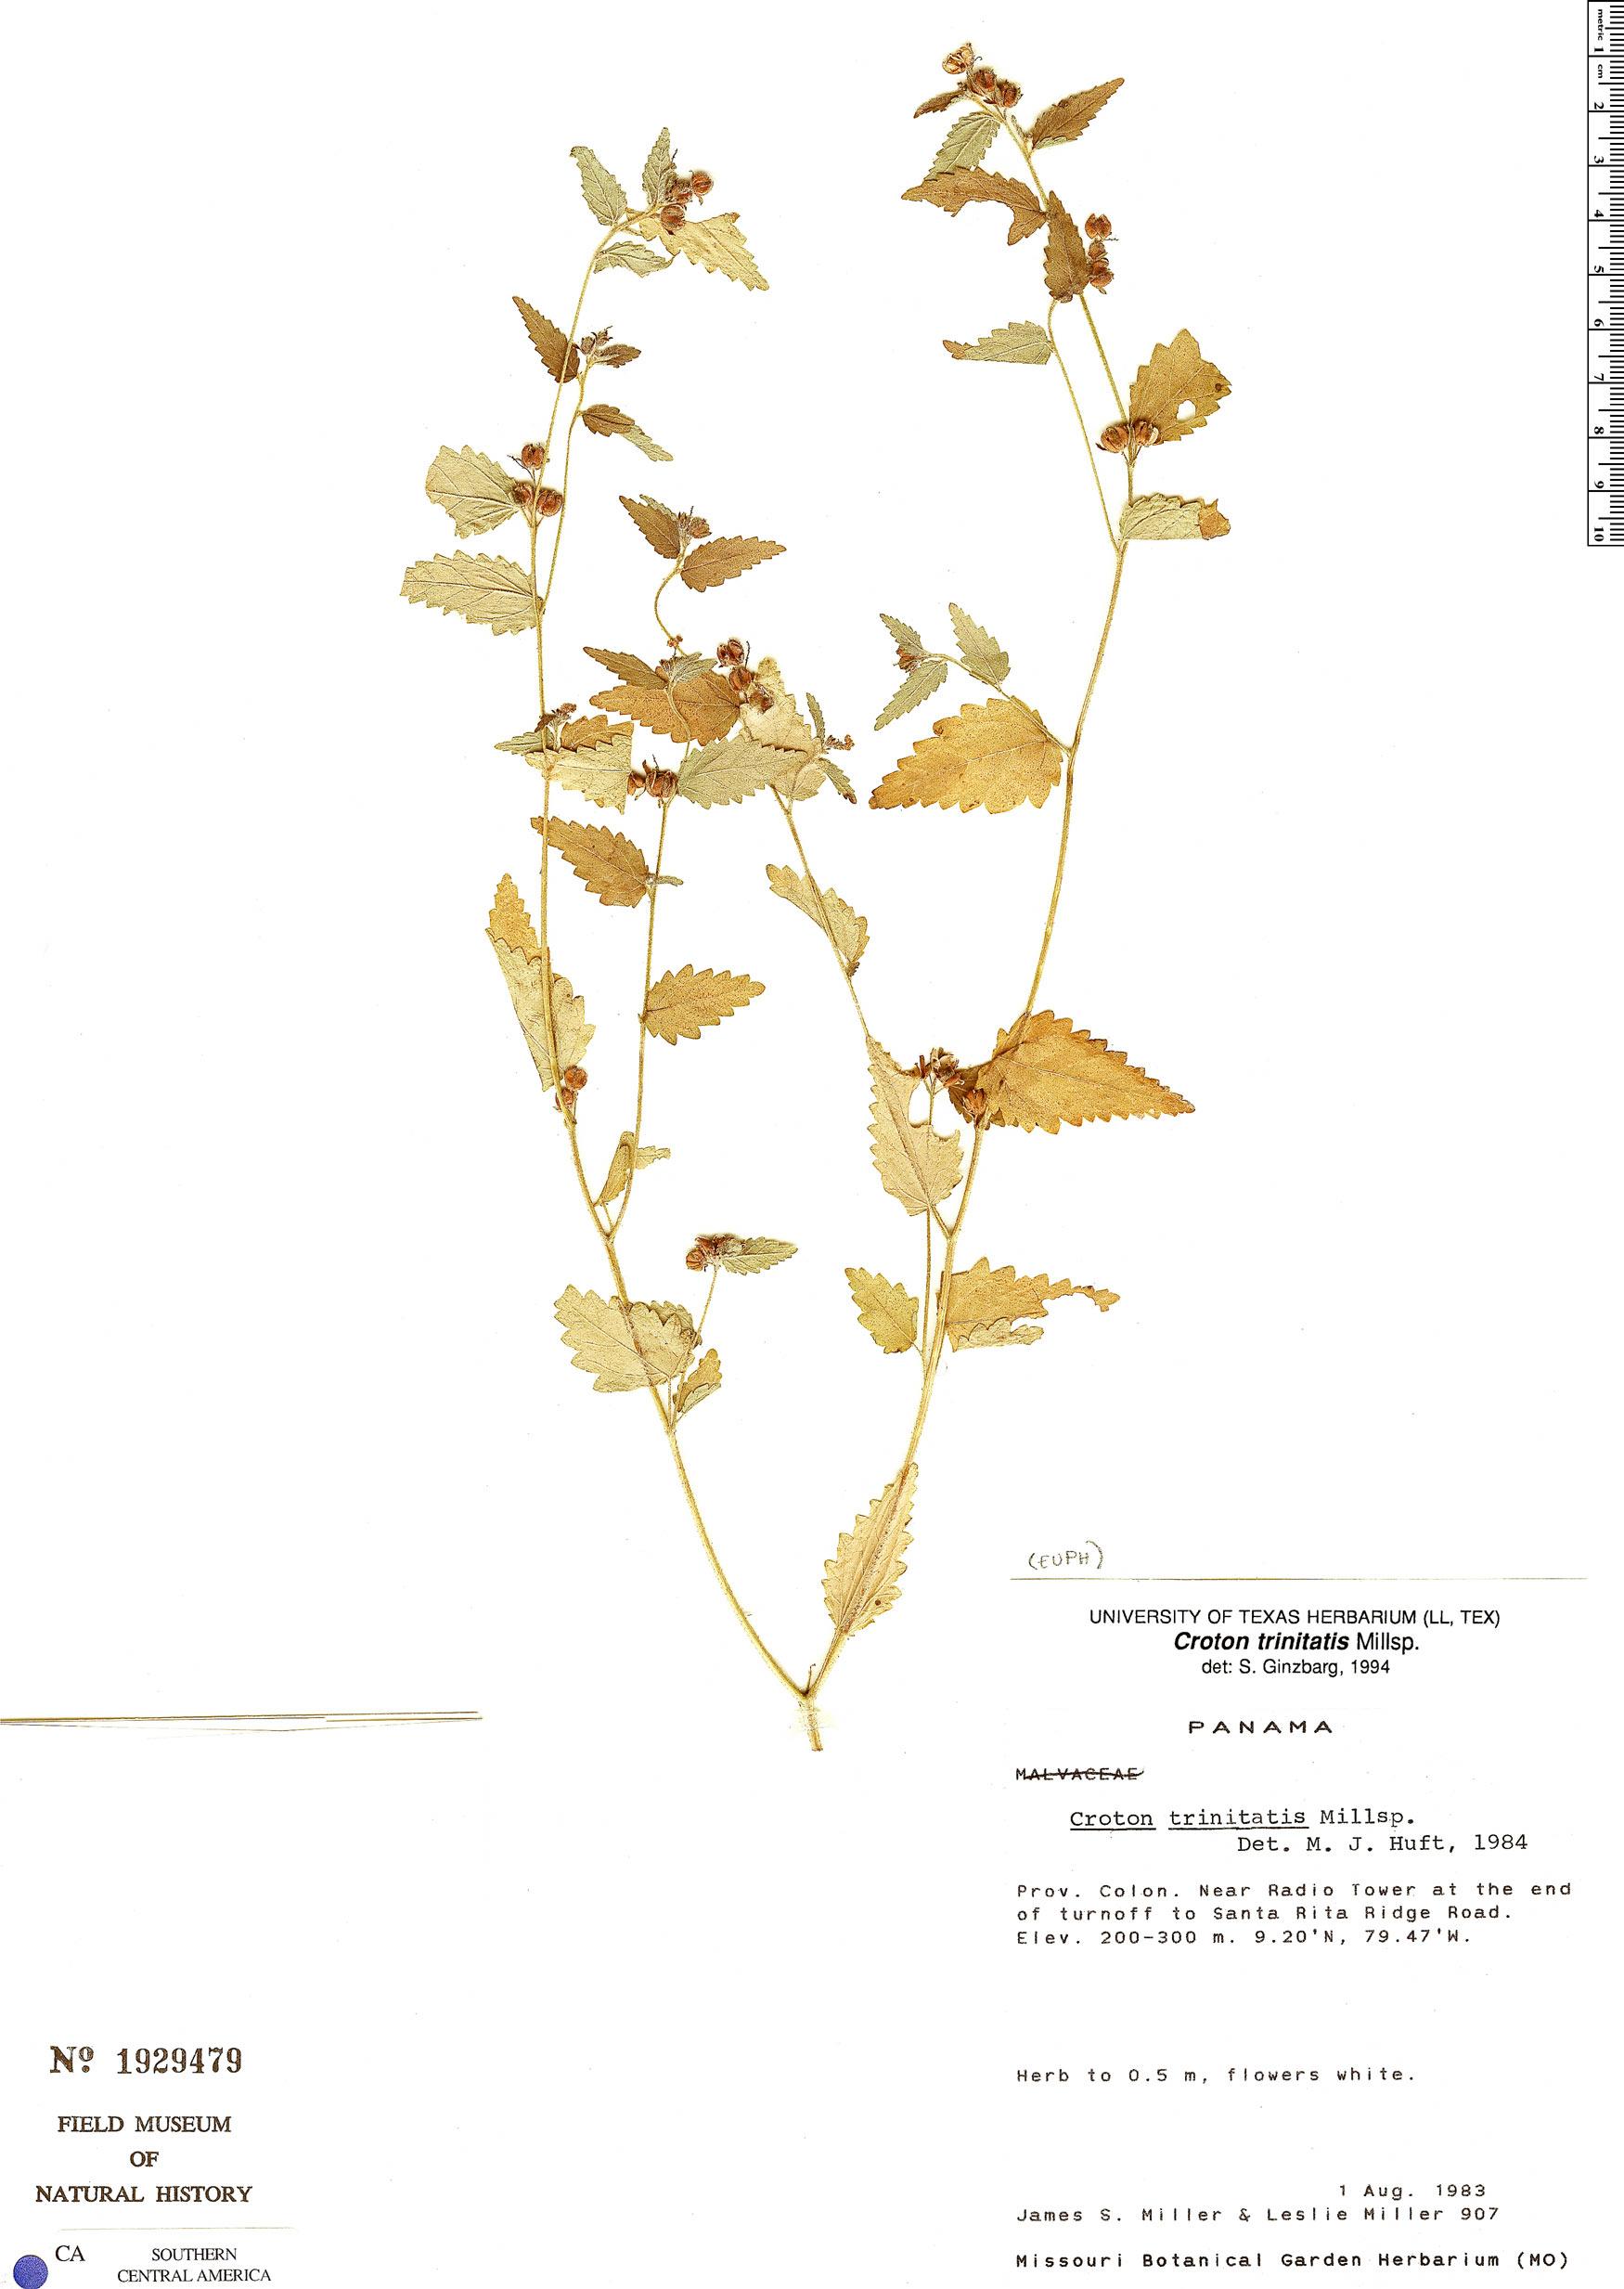 Specimen: Croton trinitatis